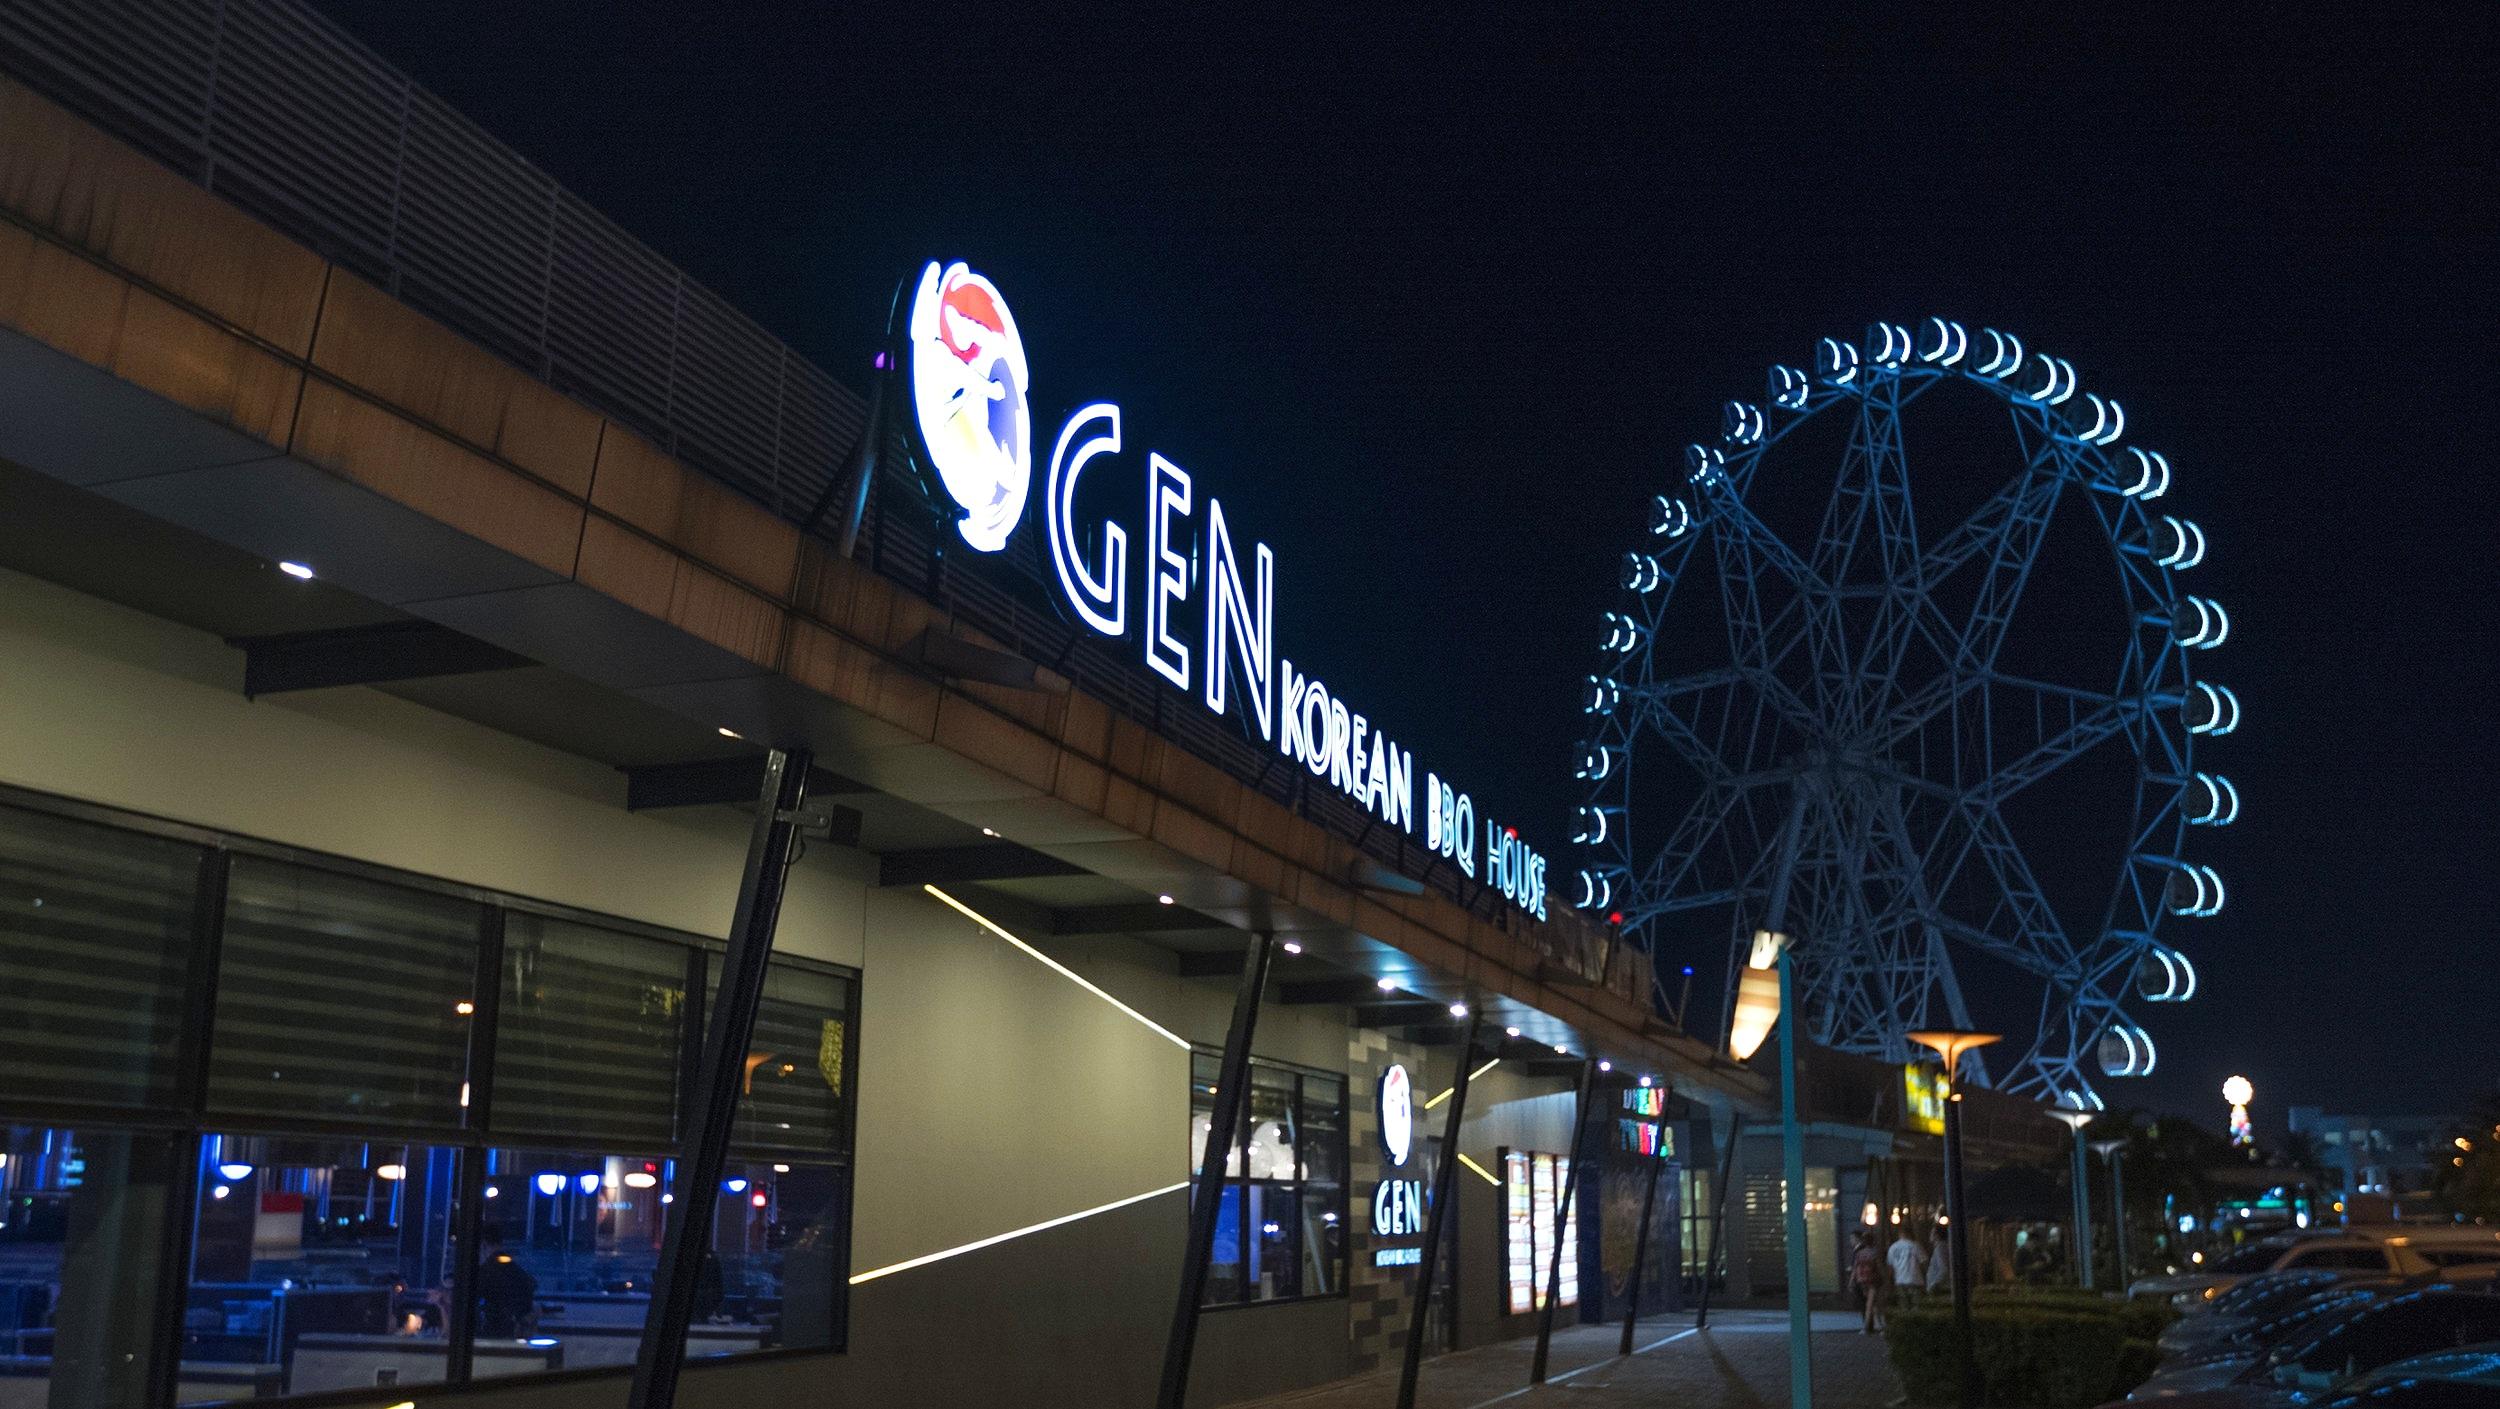 Gen+Philippines.jpg